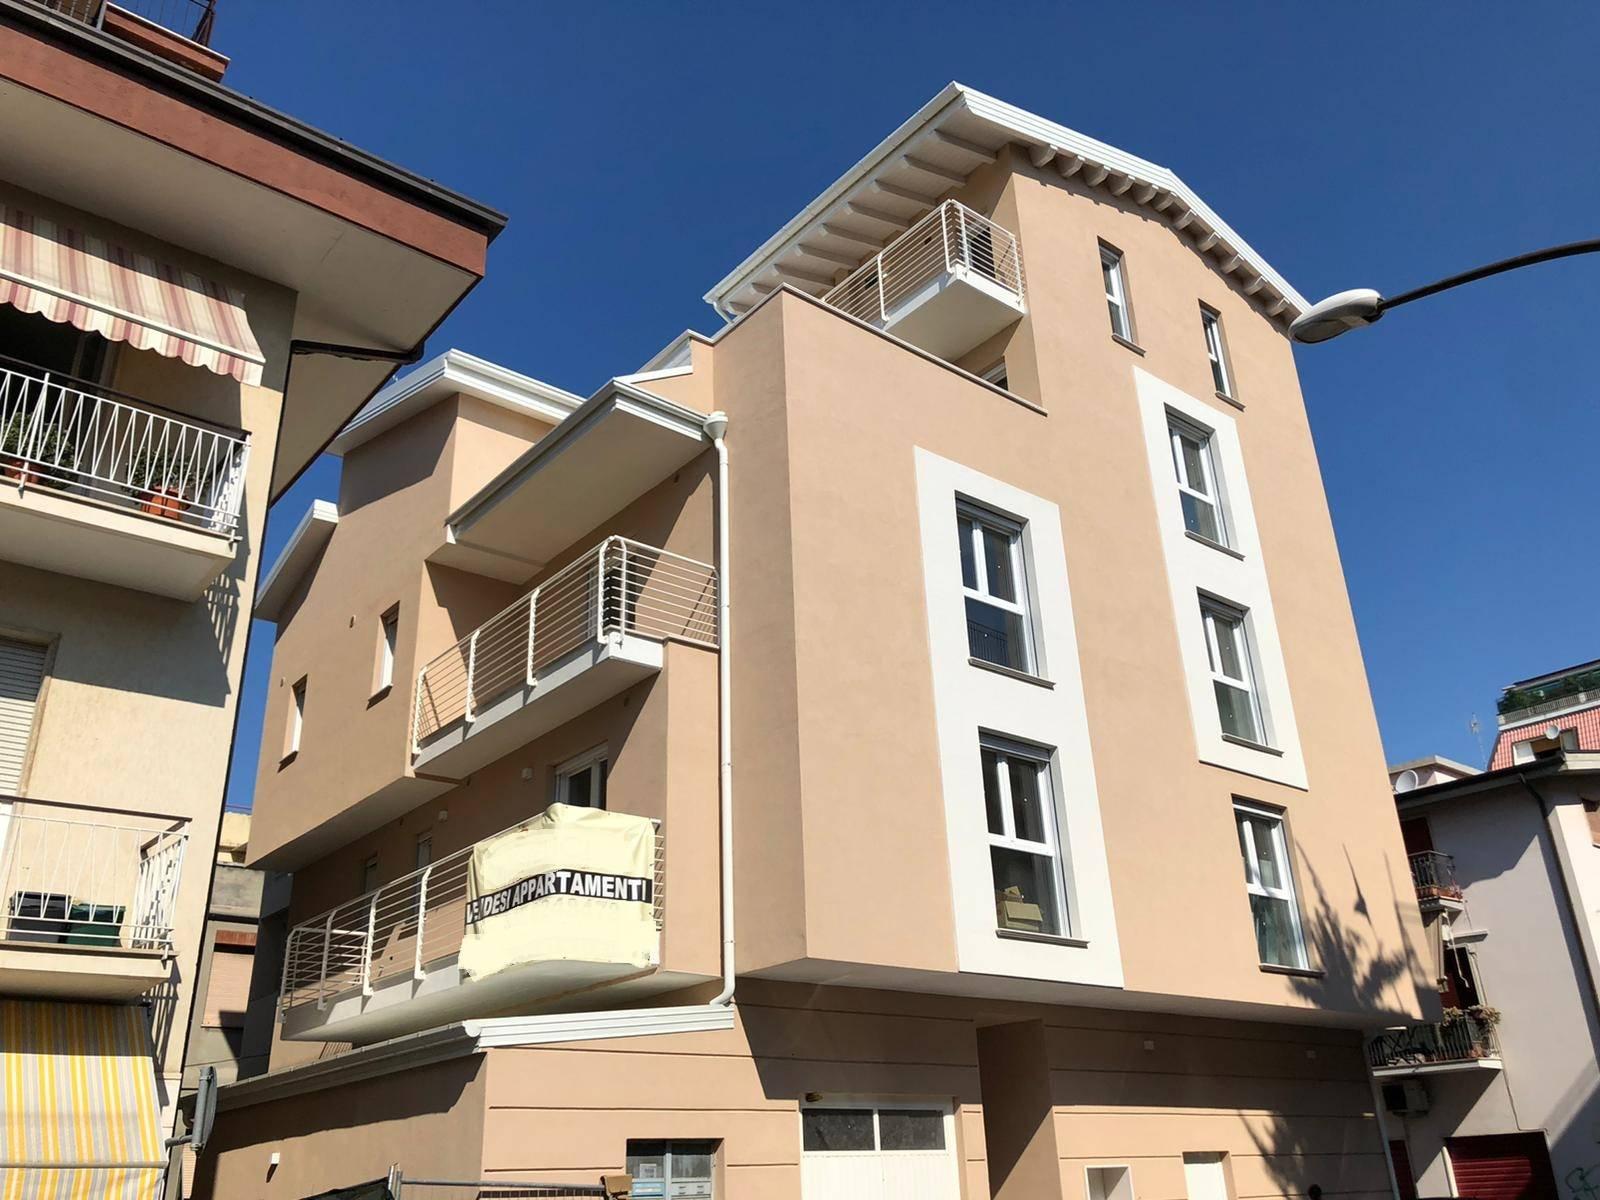 Attico / Mansarda in vendita a Grottammare, 6 locali, zona Località: zonaAscolani, prezzo € 599.000   PortaleAgenzieImmobiliari.it